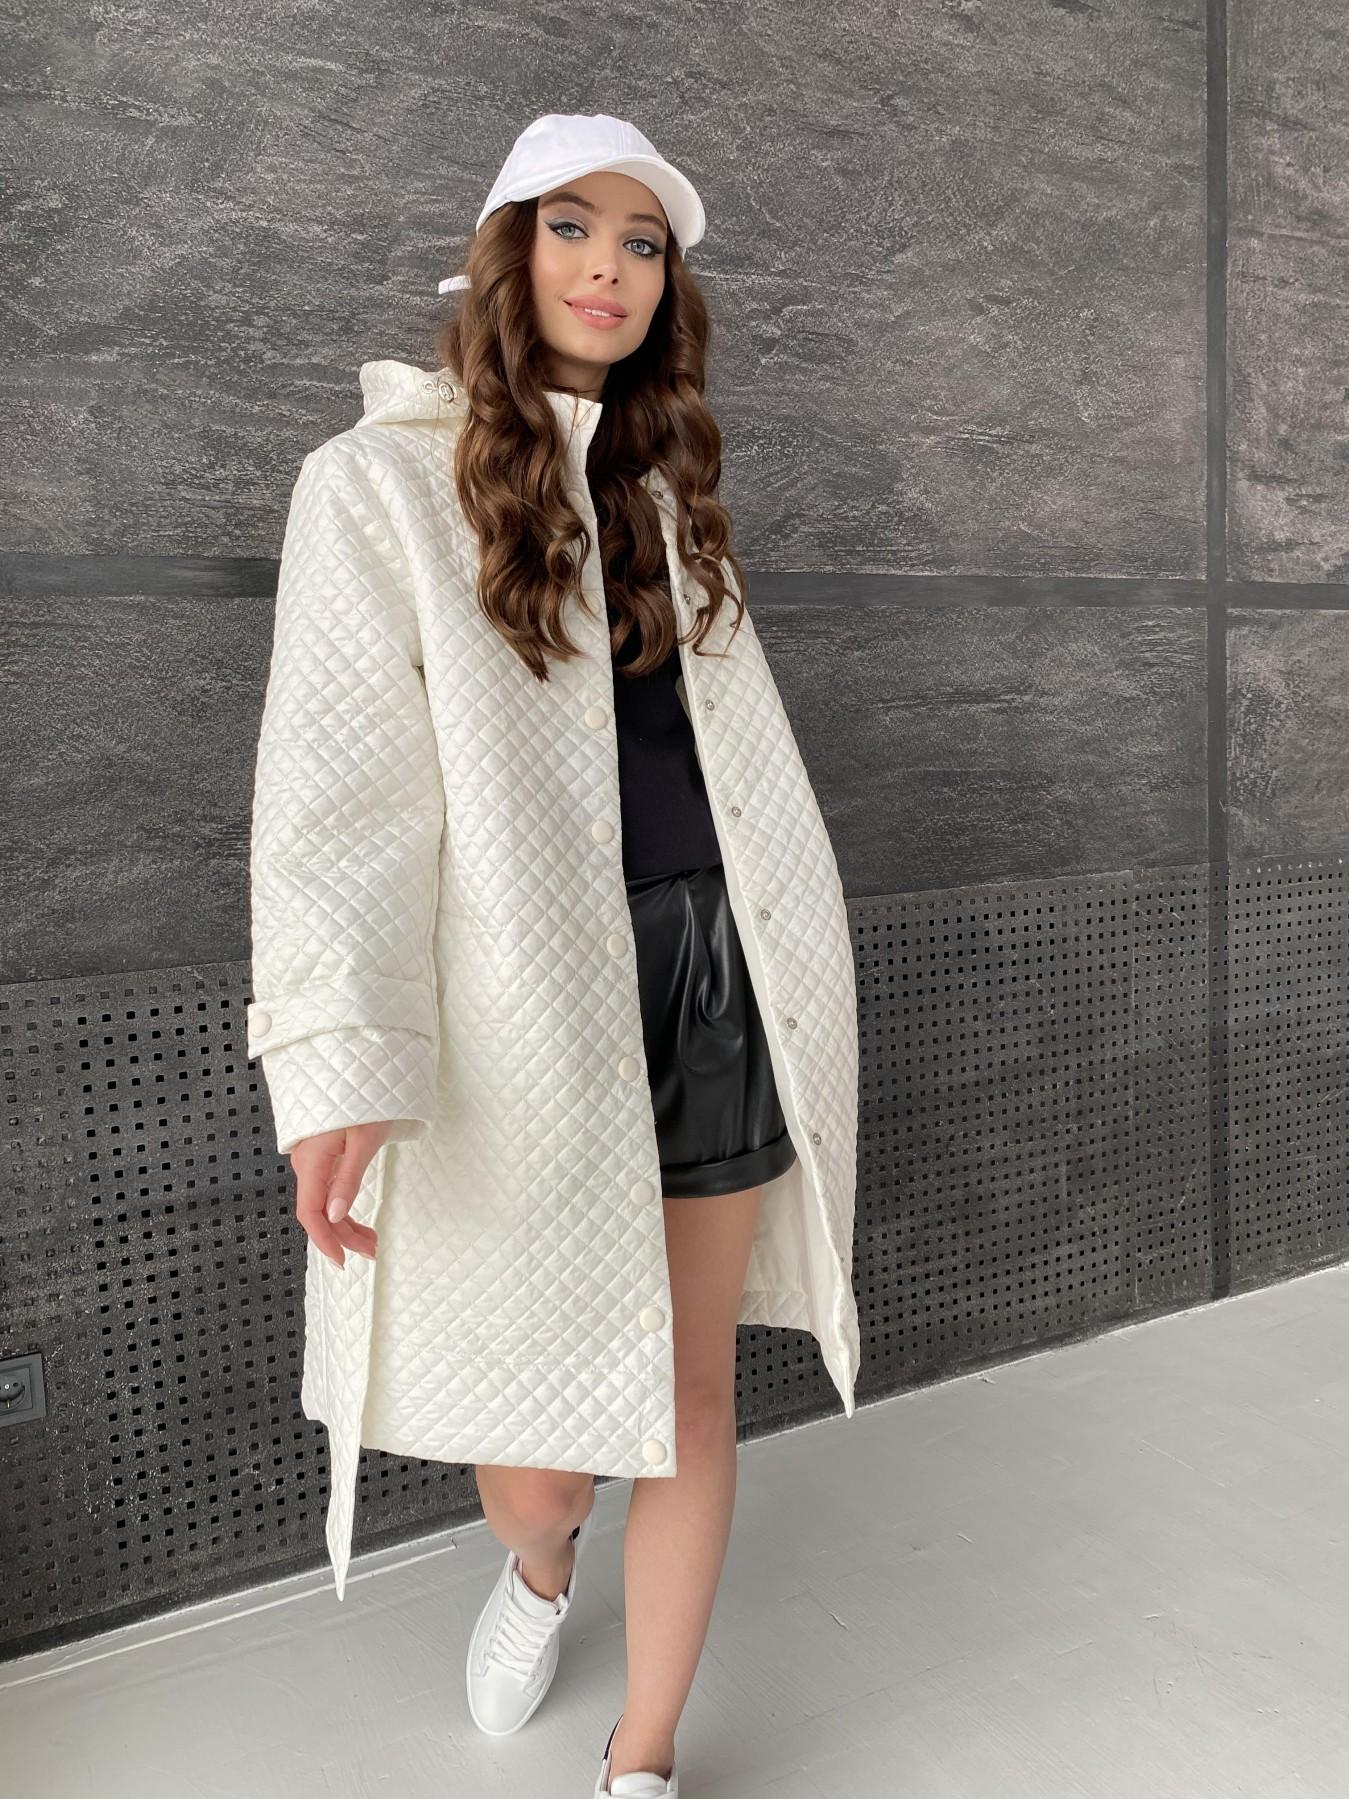 Виза стеганая куртка в мелкую стежку из плащевой ткани 11017 АРТ. 47518 Цвет: Молоко - фото 14, интернет магазин tm-modus.ru